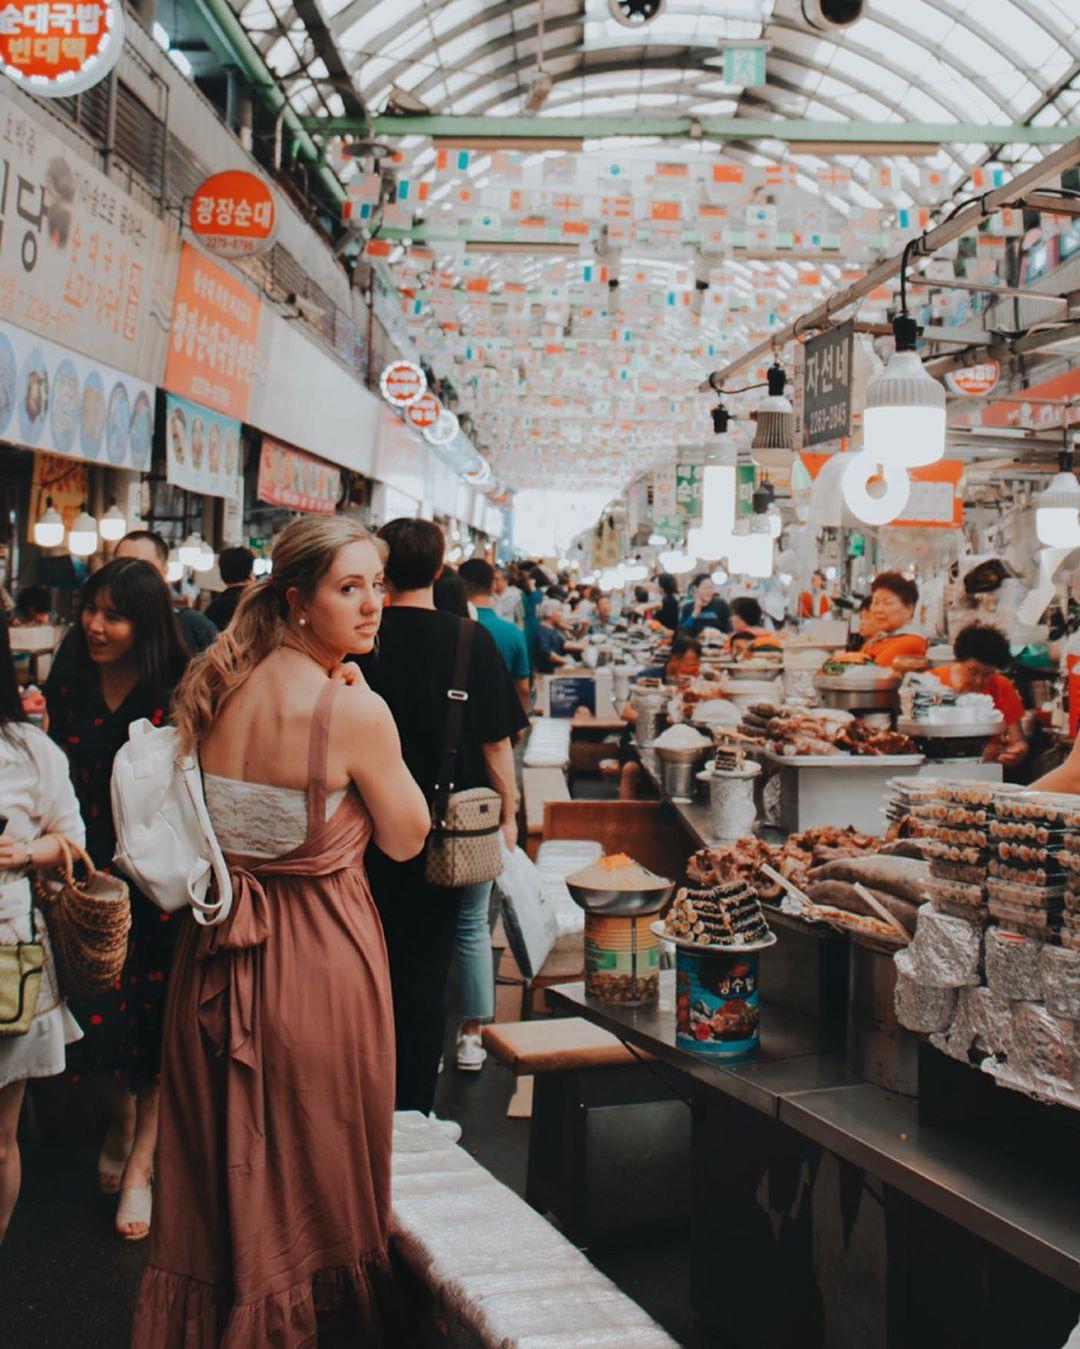 Ăn chơi phủ phê tại 4 khu chợ nổi tiếng nhất Hàn Quốc - Ảnh 13.